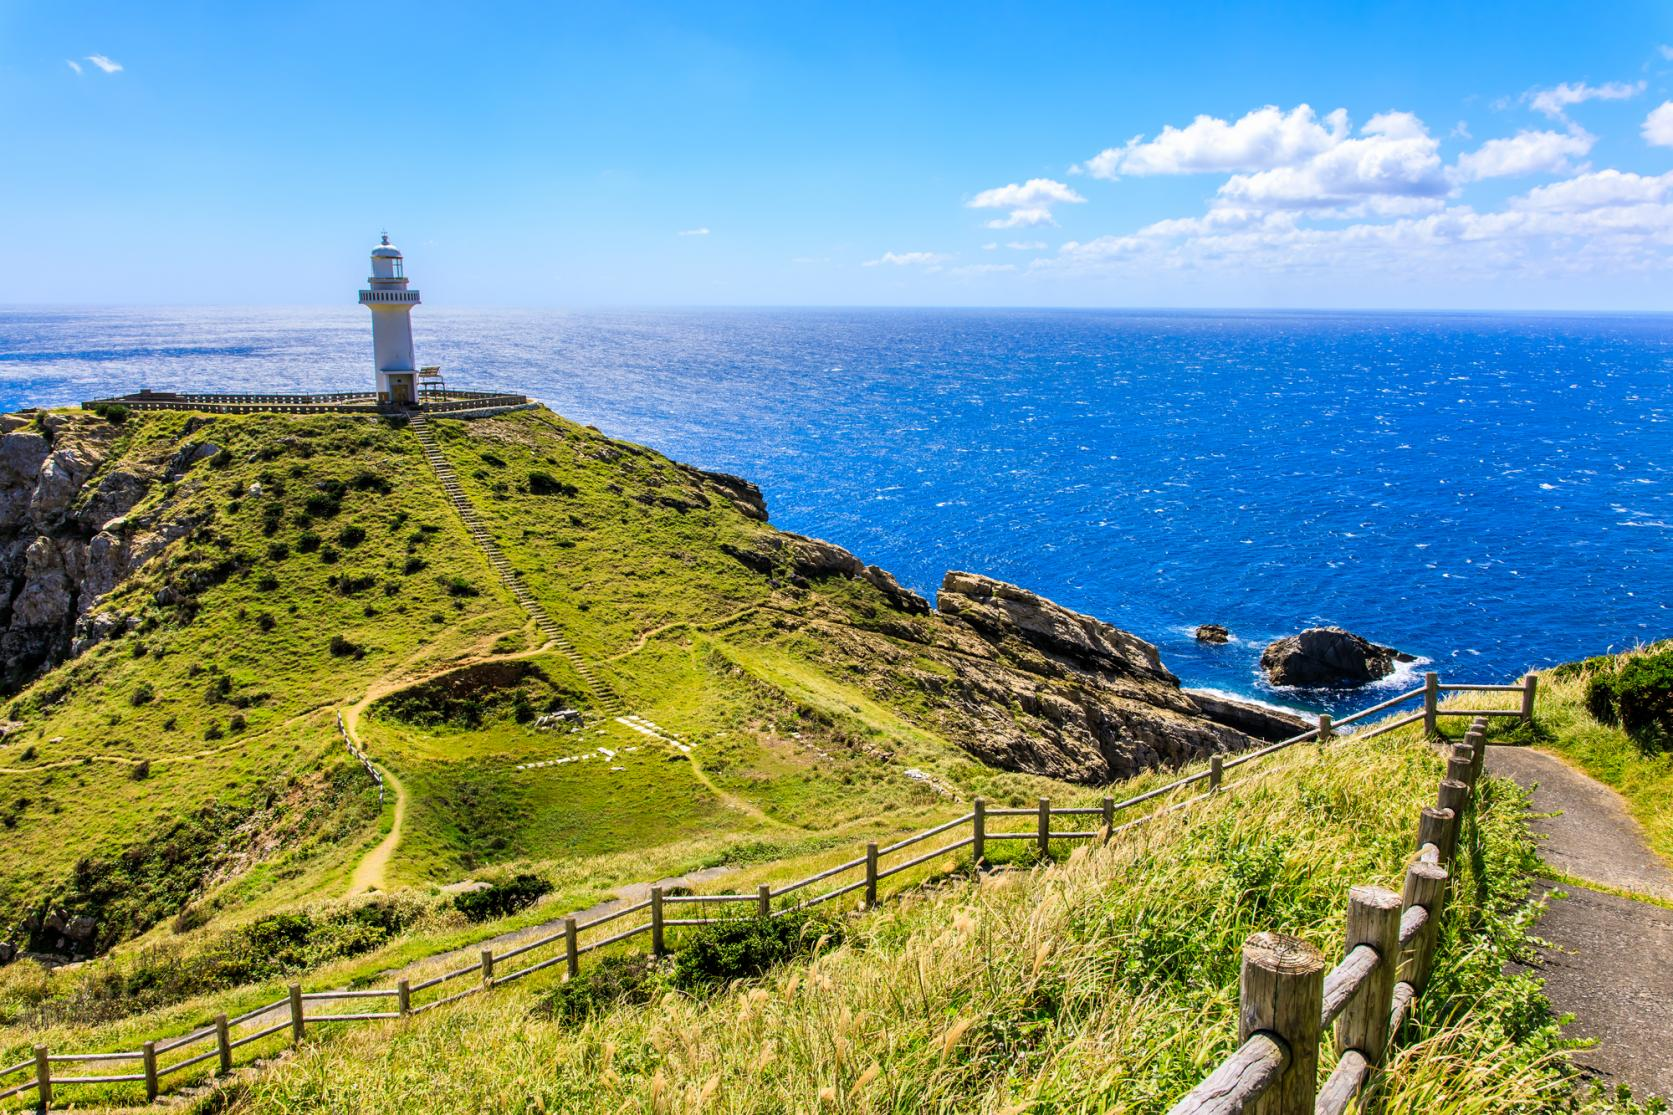 長崎からラクラク1dayトリップ 絶景も祈りの教会も!初めての五島を欲張りに楽しもう-1